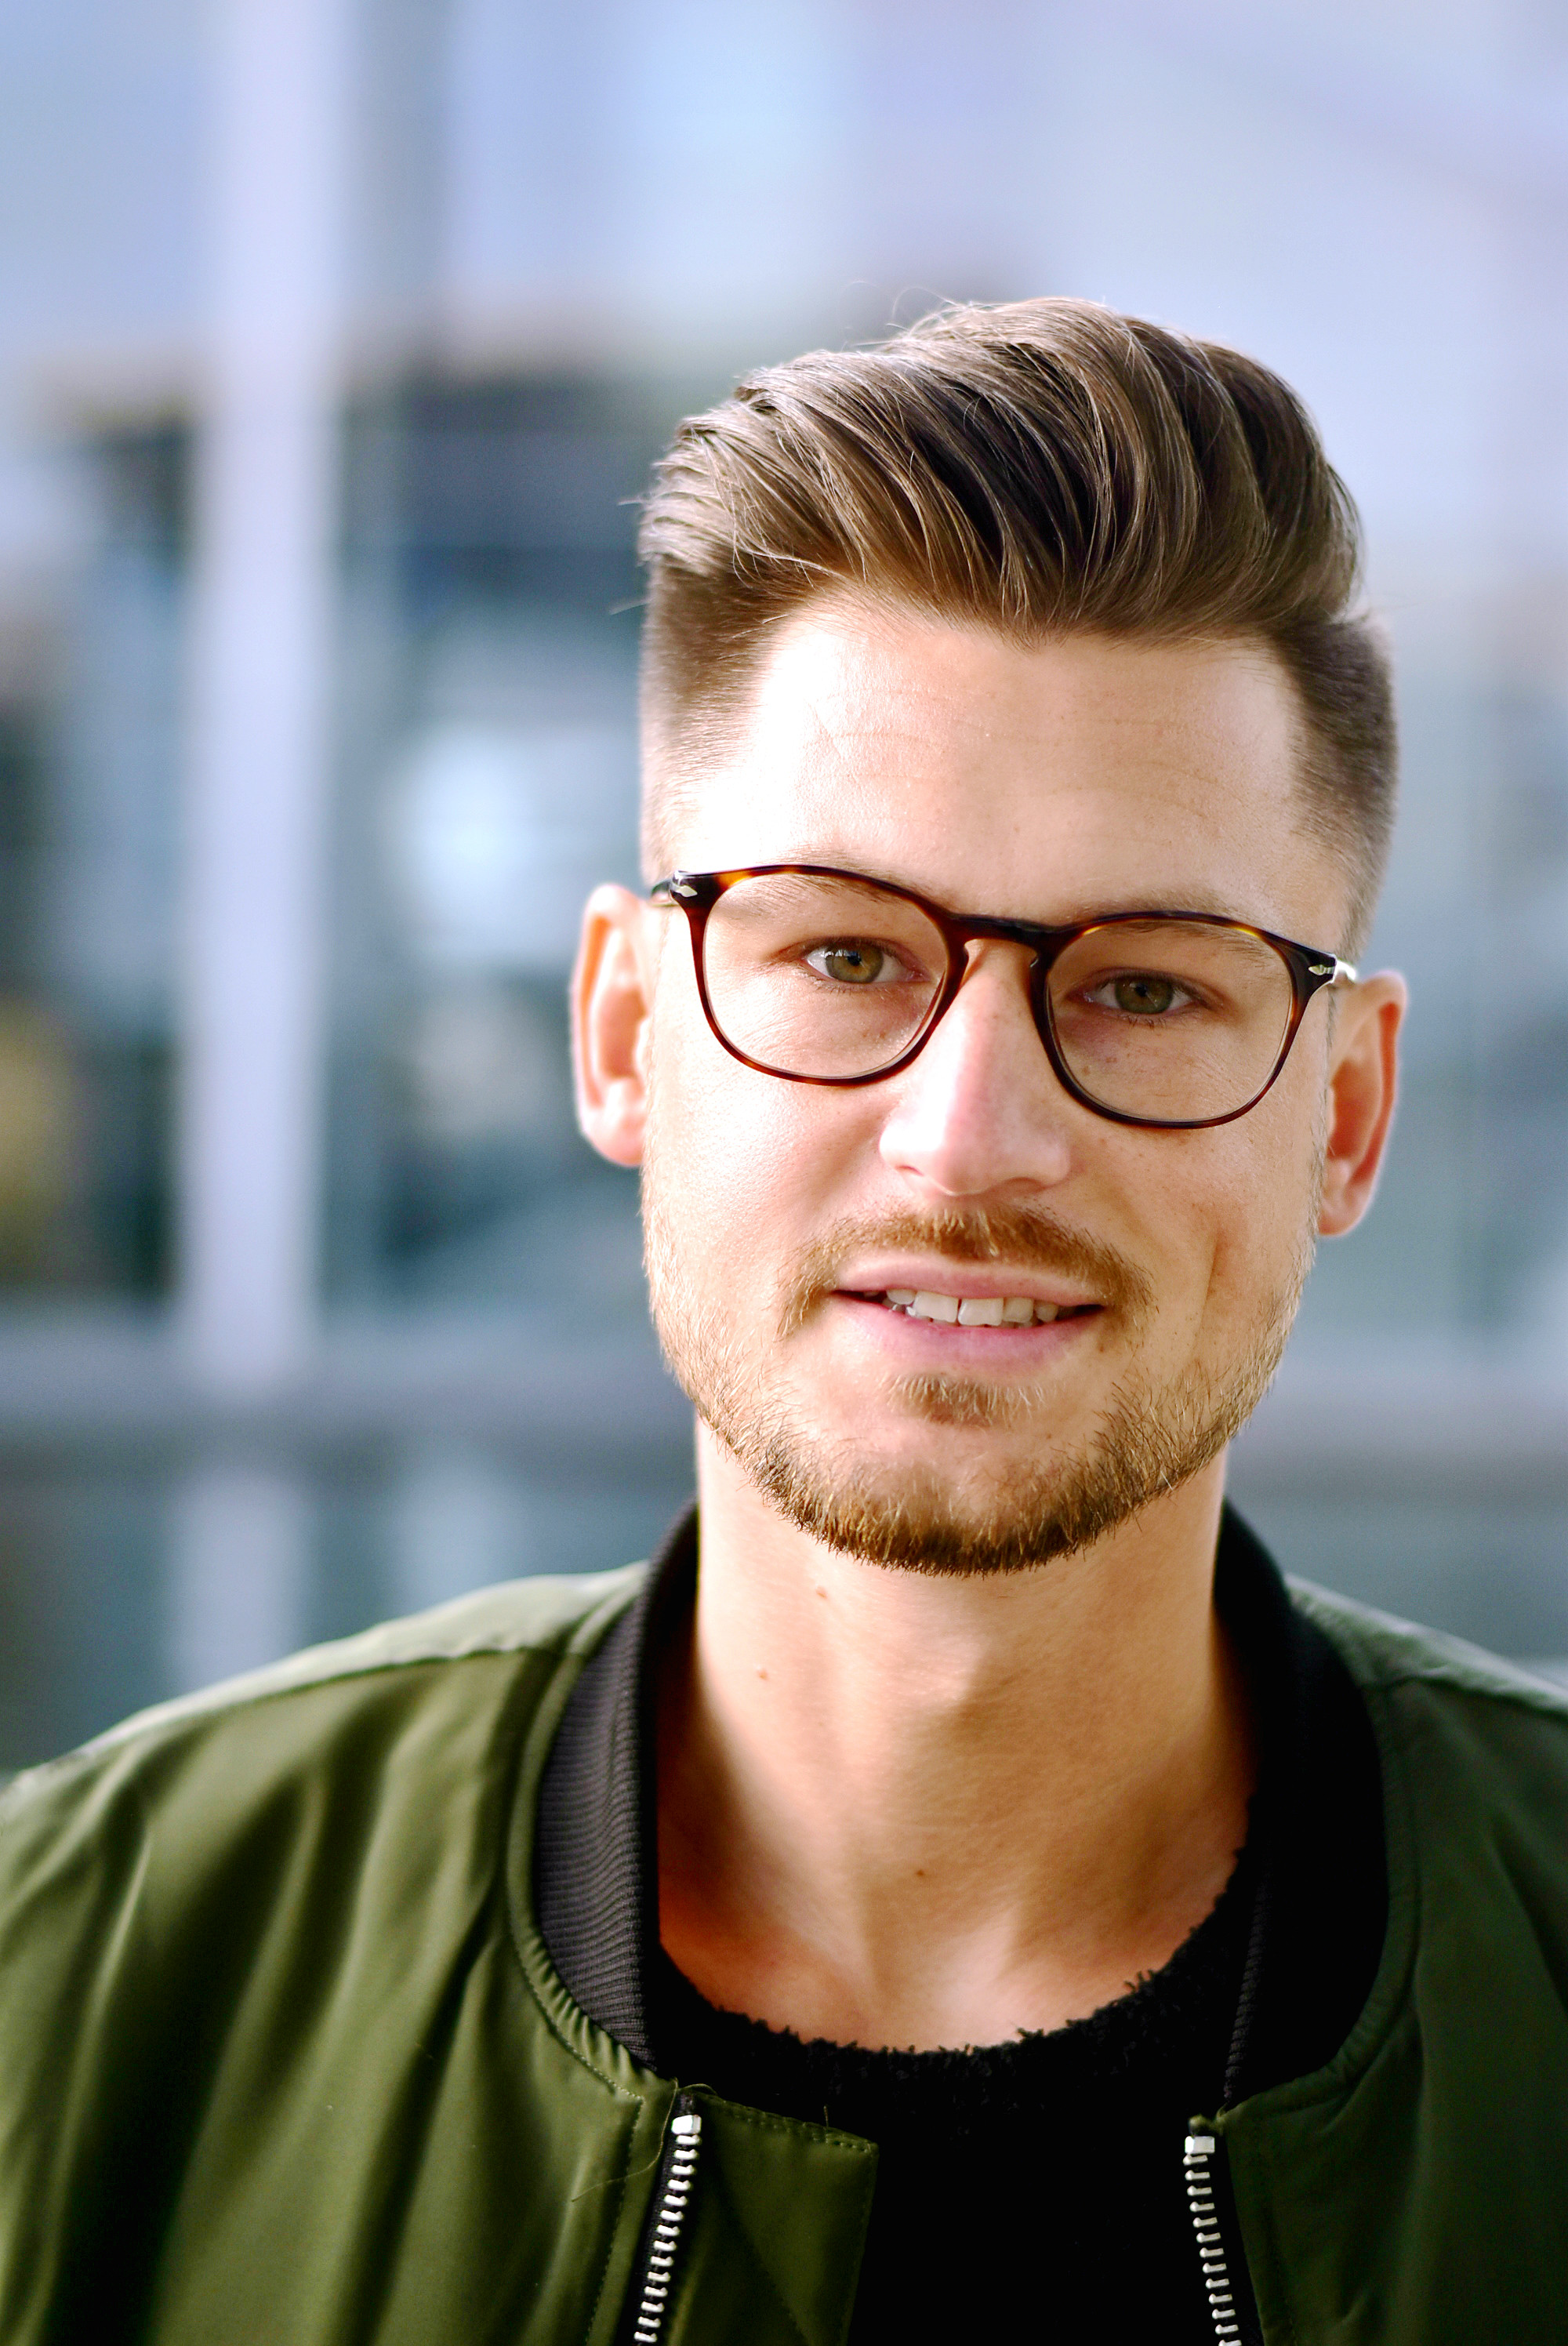 Styleblog-Männerblog-Modeblog-Berlin-Adidas-Superstar-Longbomber-Outfit-Männermode-Streetwear